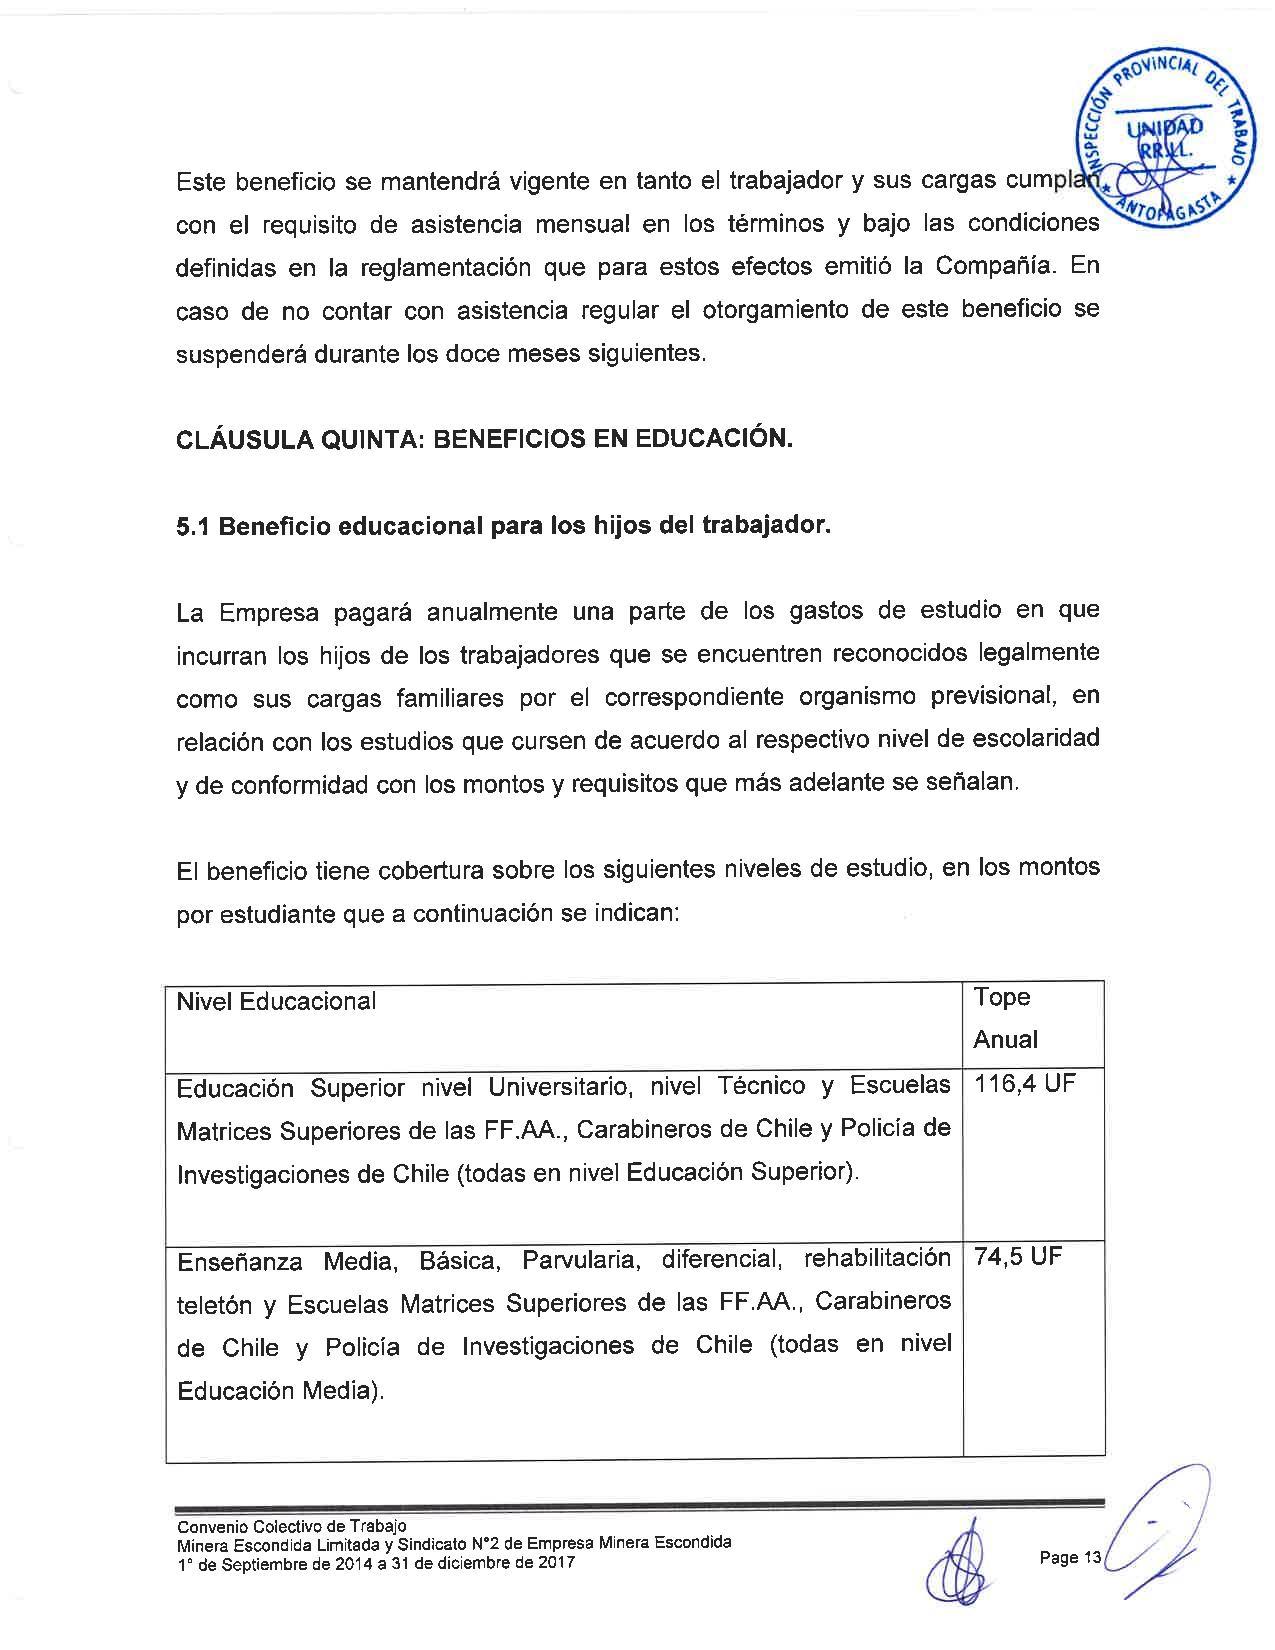 Página (13).jpg